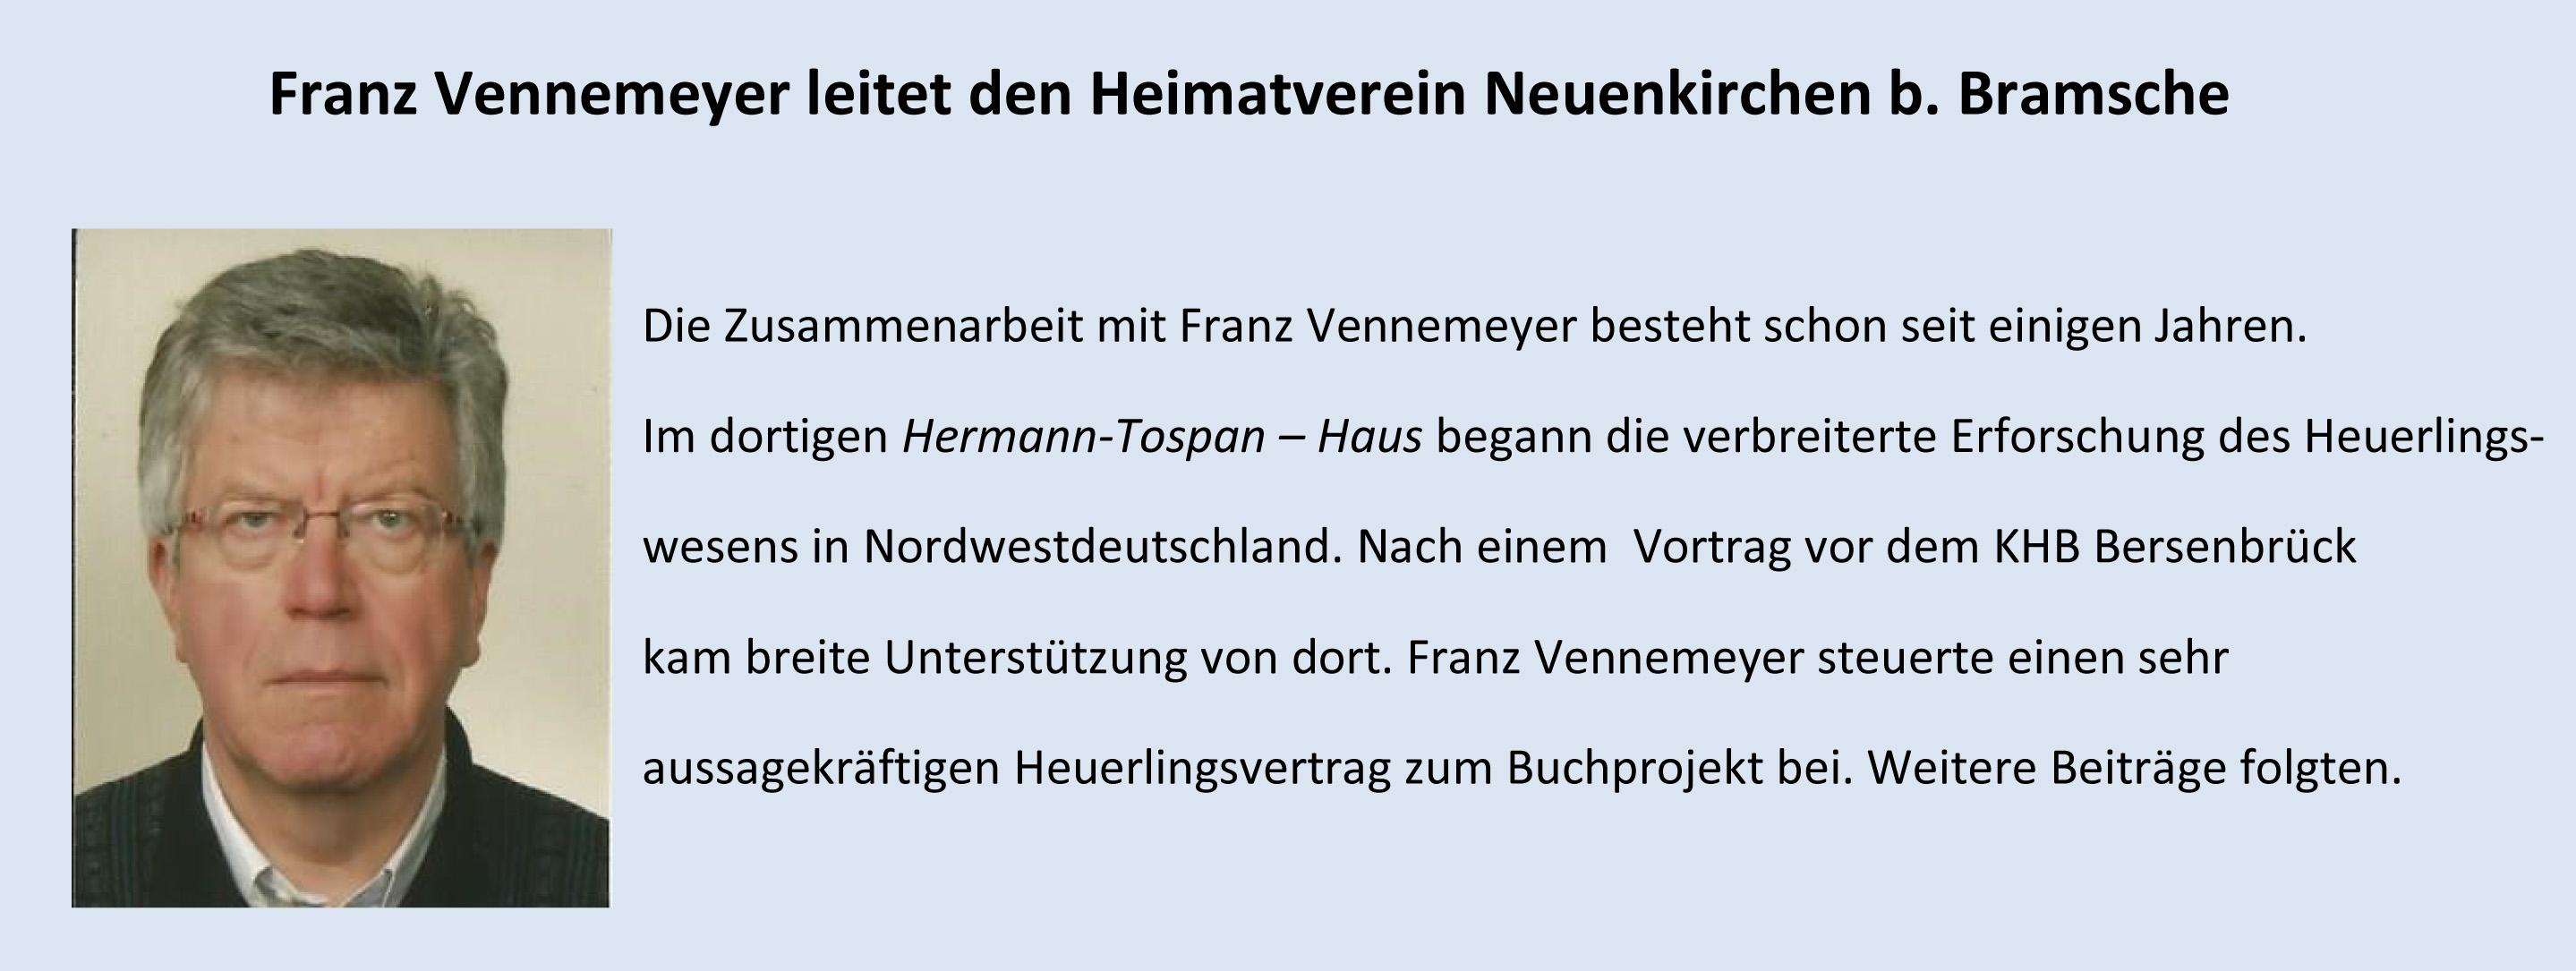 Franz von ziegler dissertation